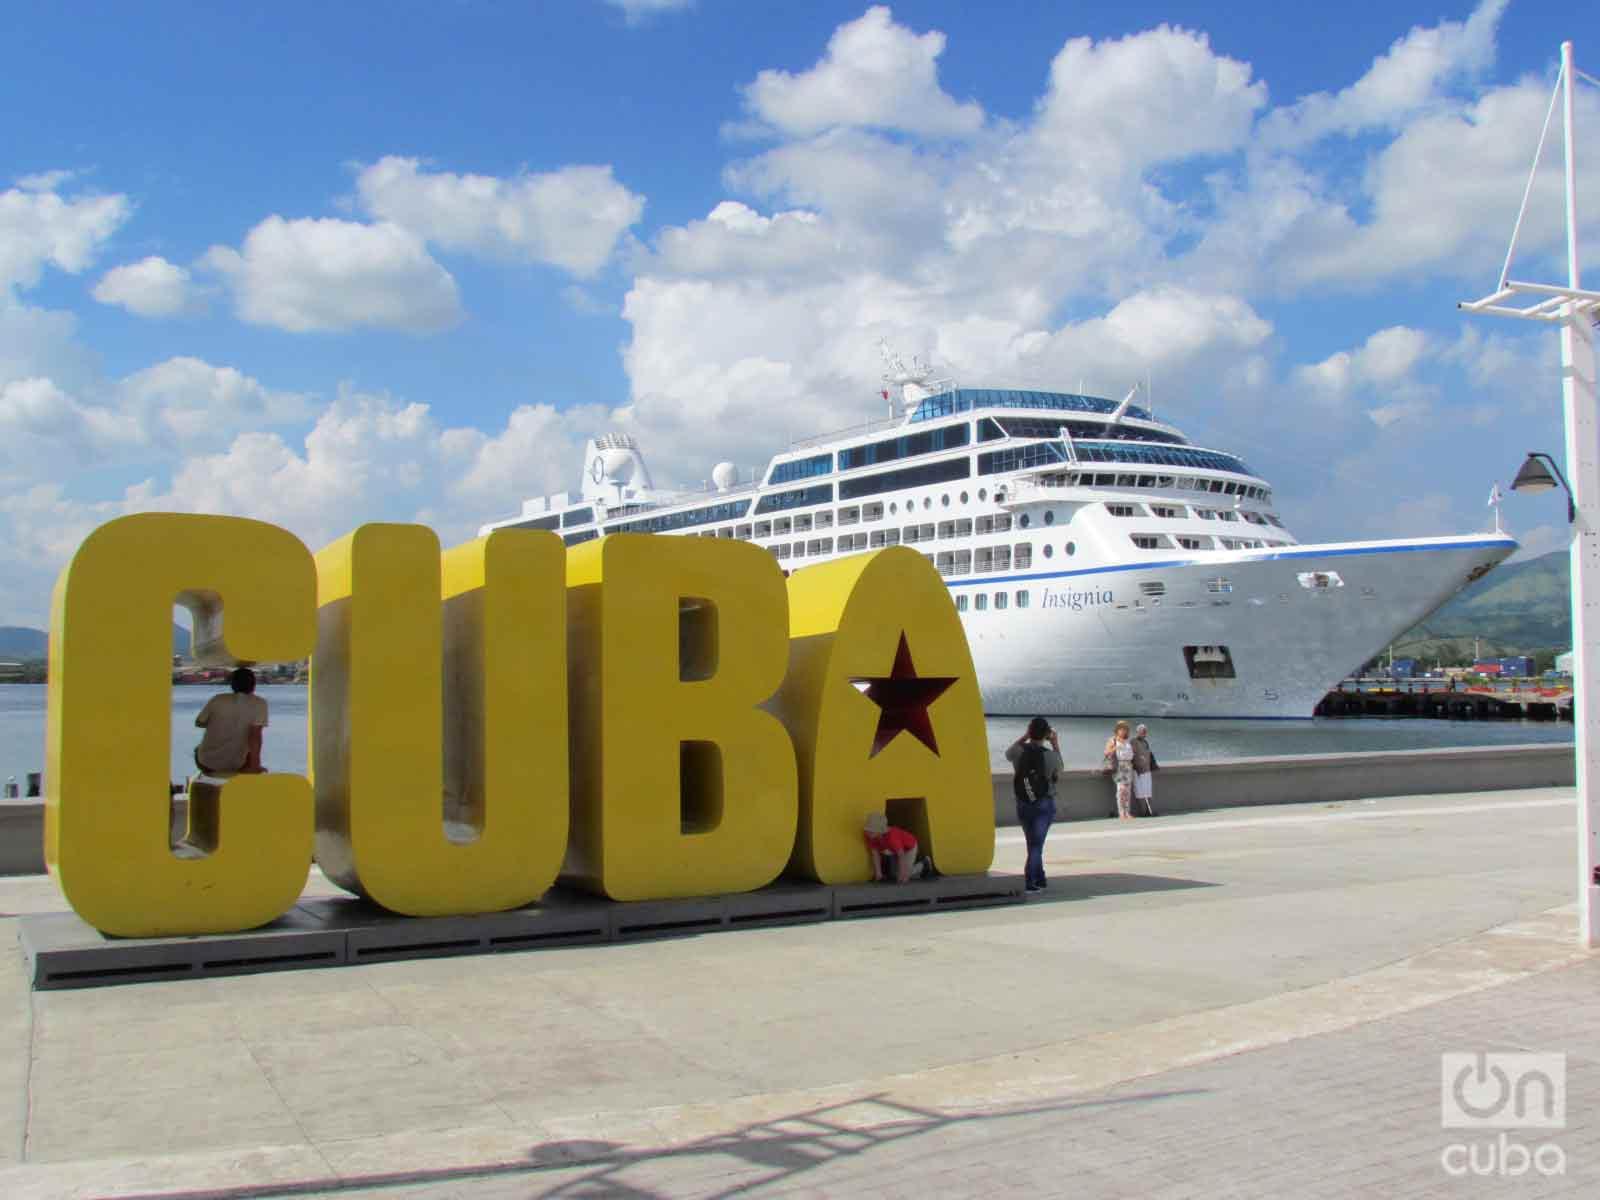 Cuba2019_1